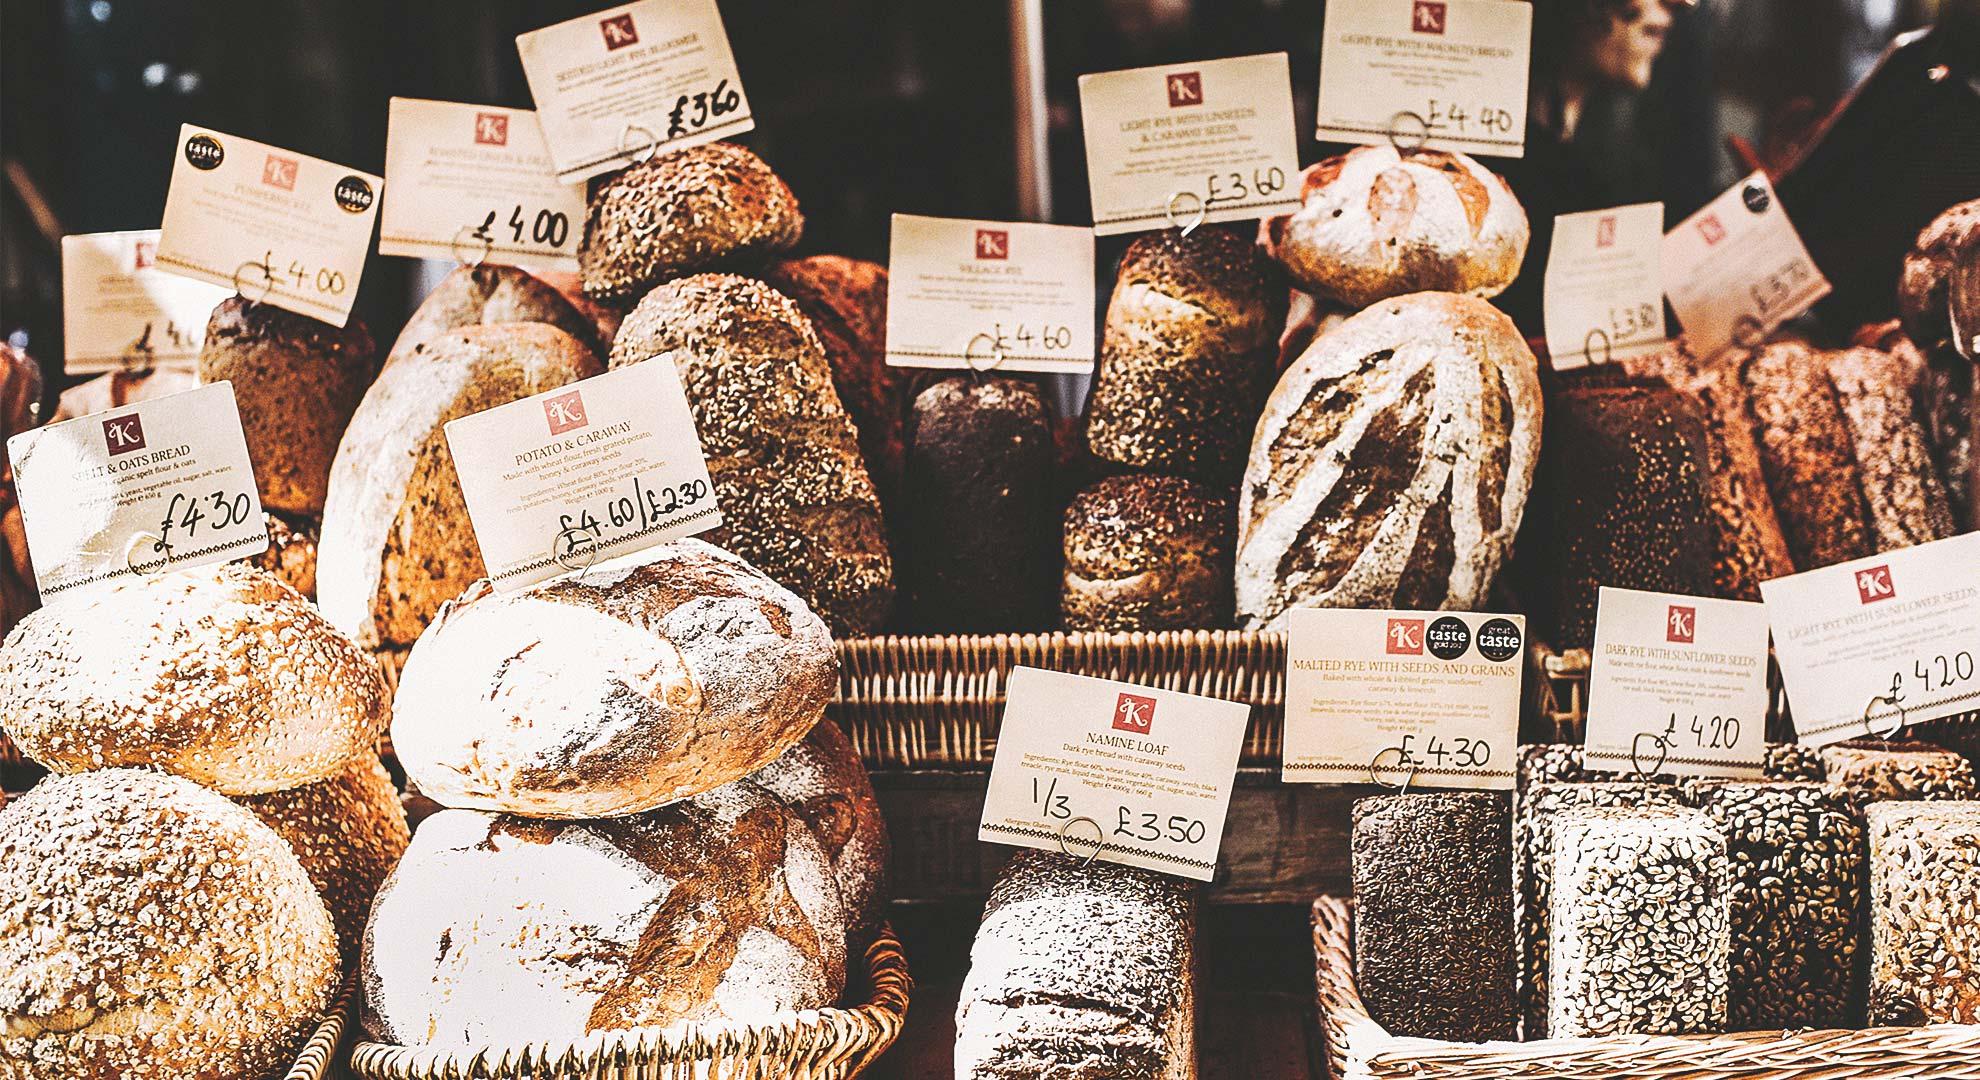 HC Voedingsbegeleiding: Vraag aan de diëtiste: Mag ik brood vervangen?